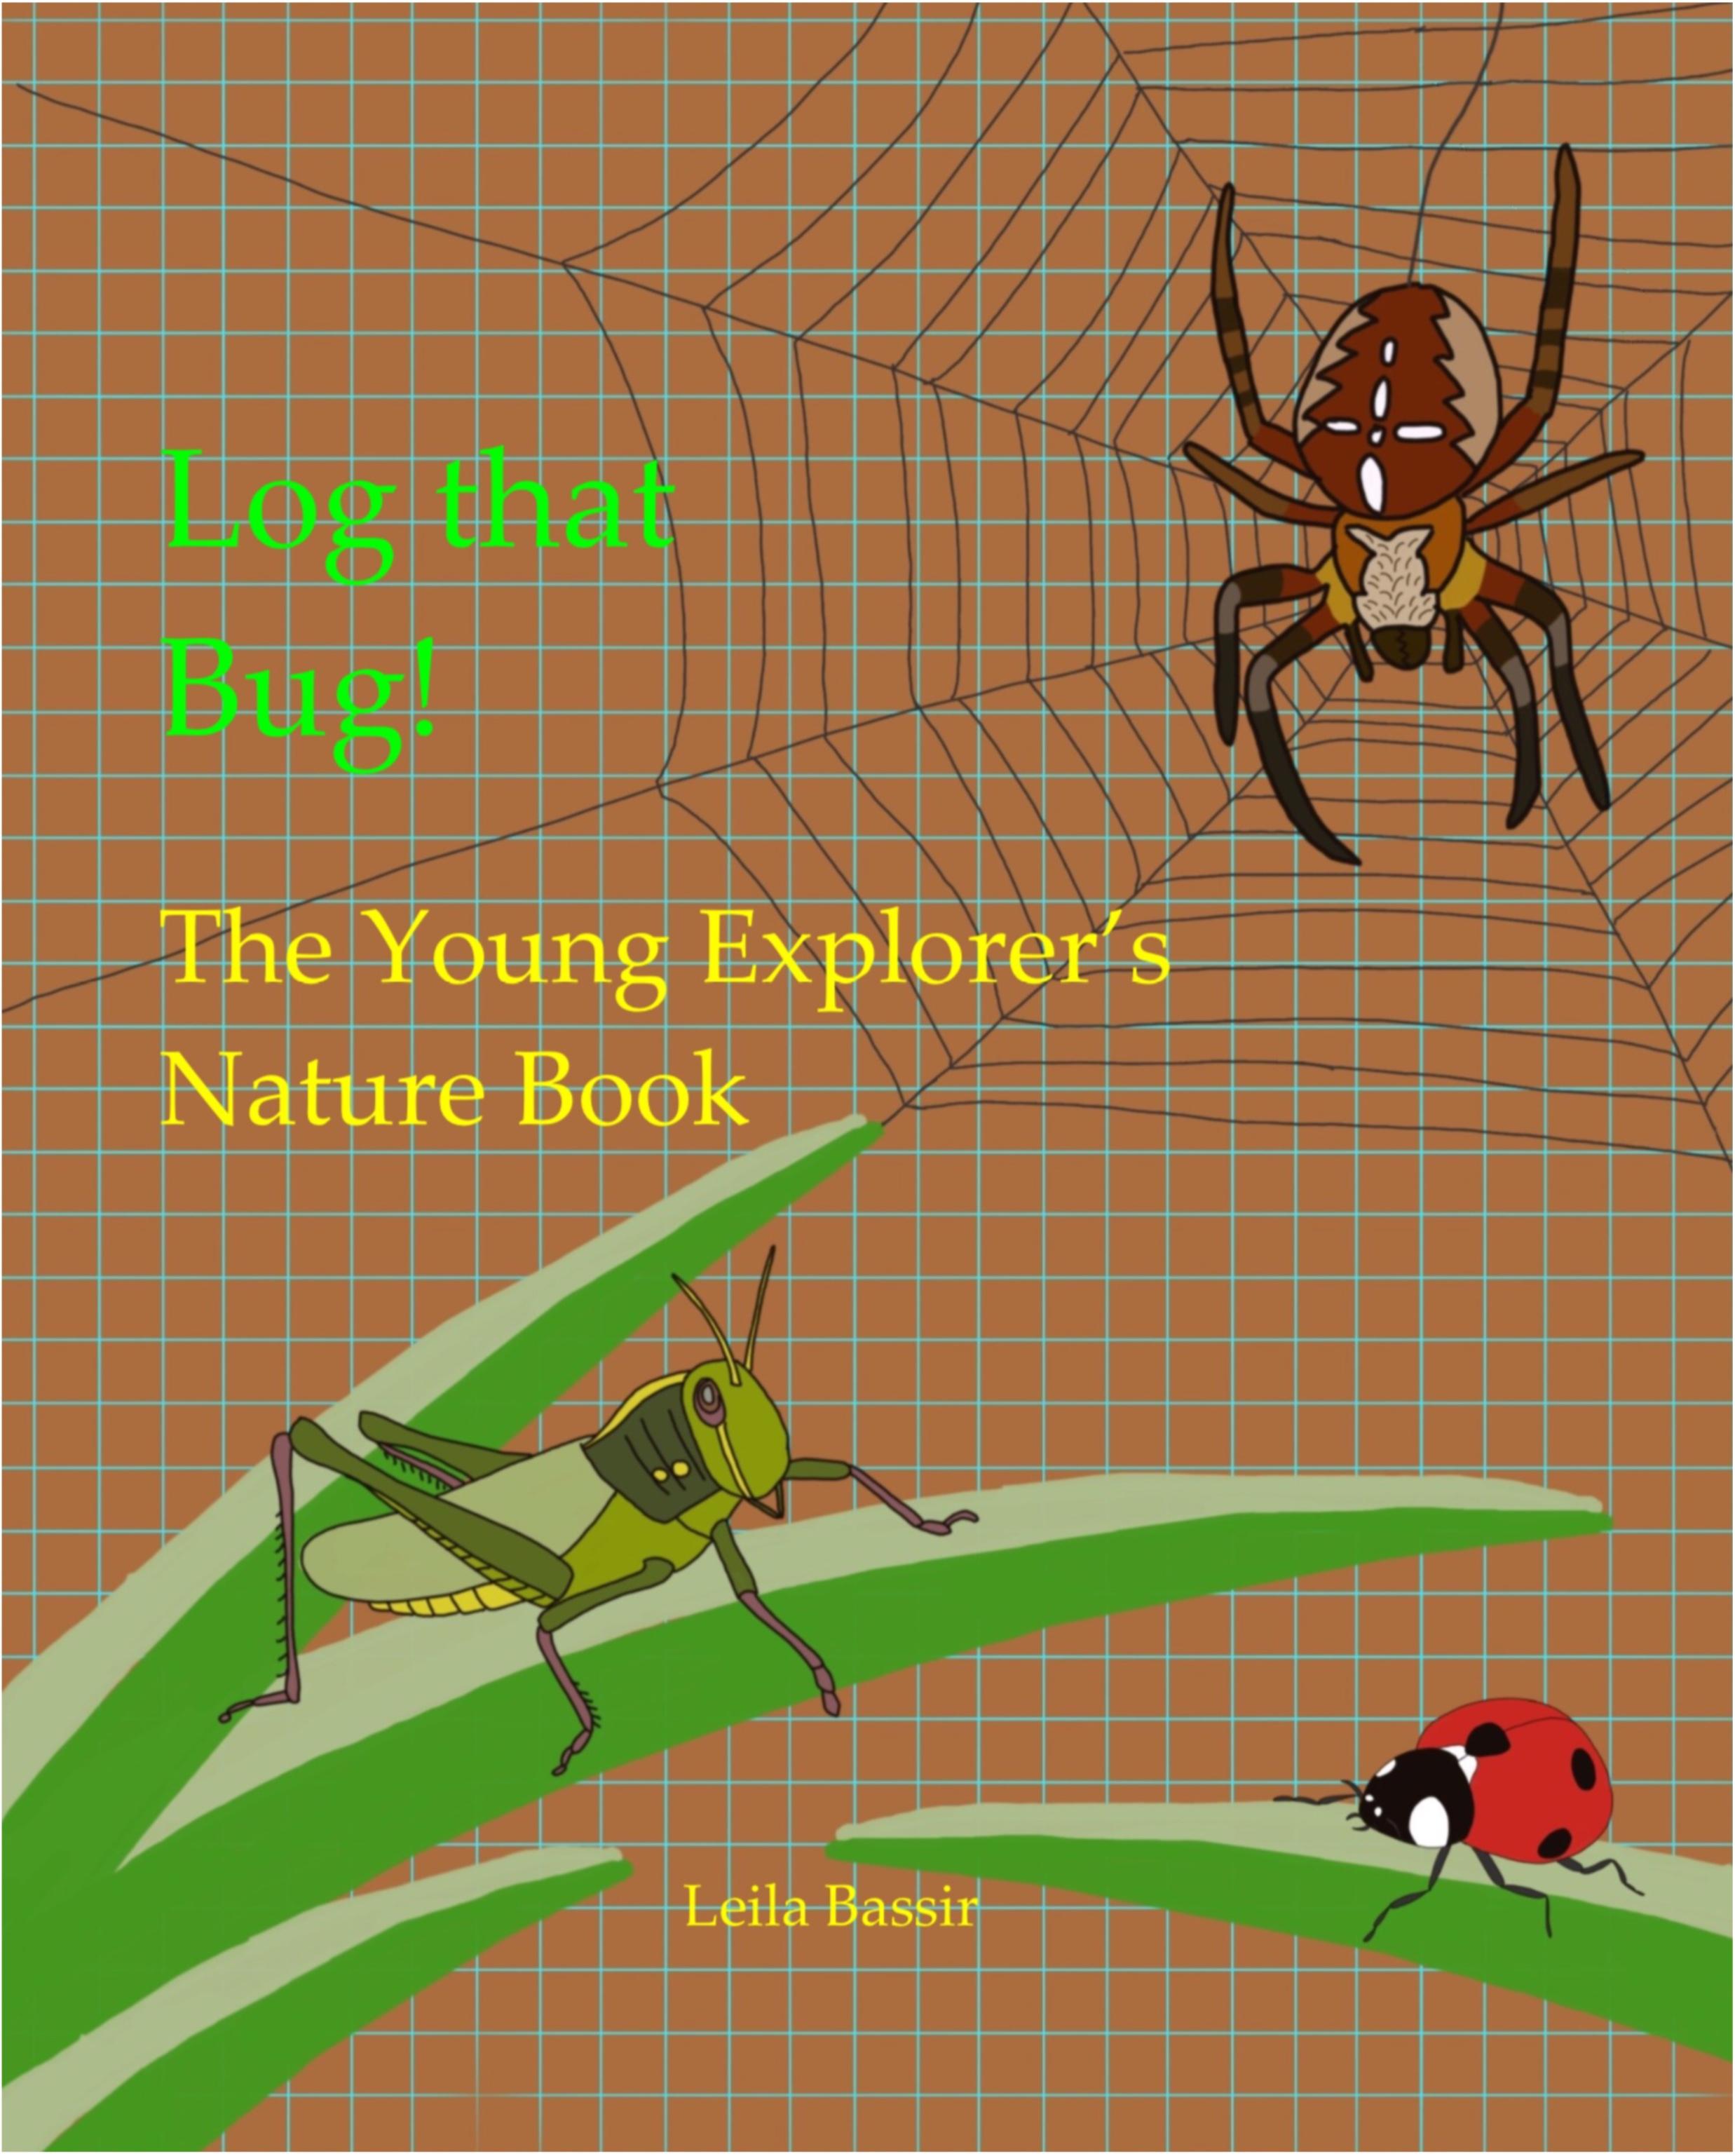 Spider, ladybird, grasshopper